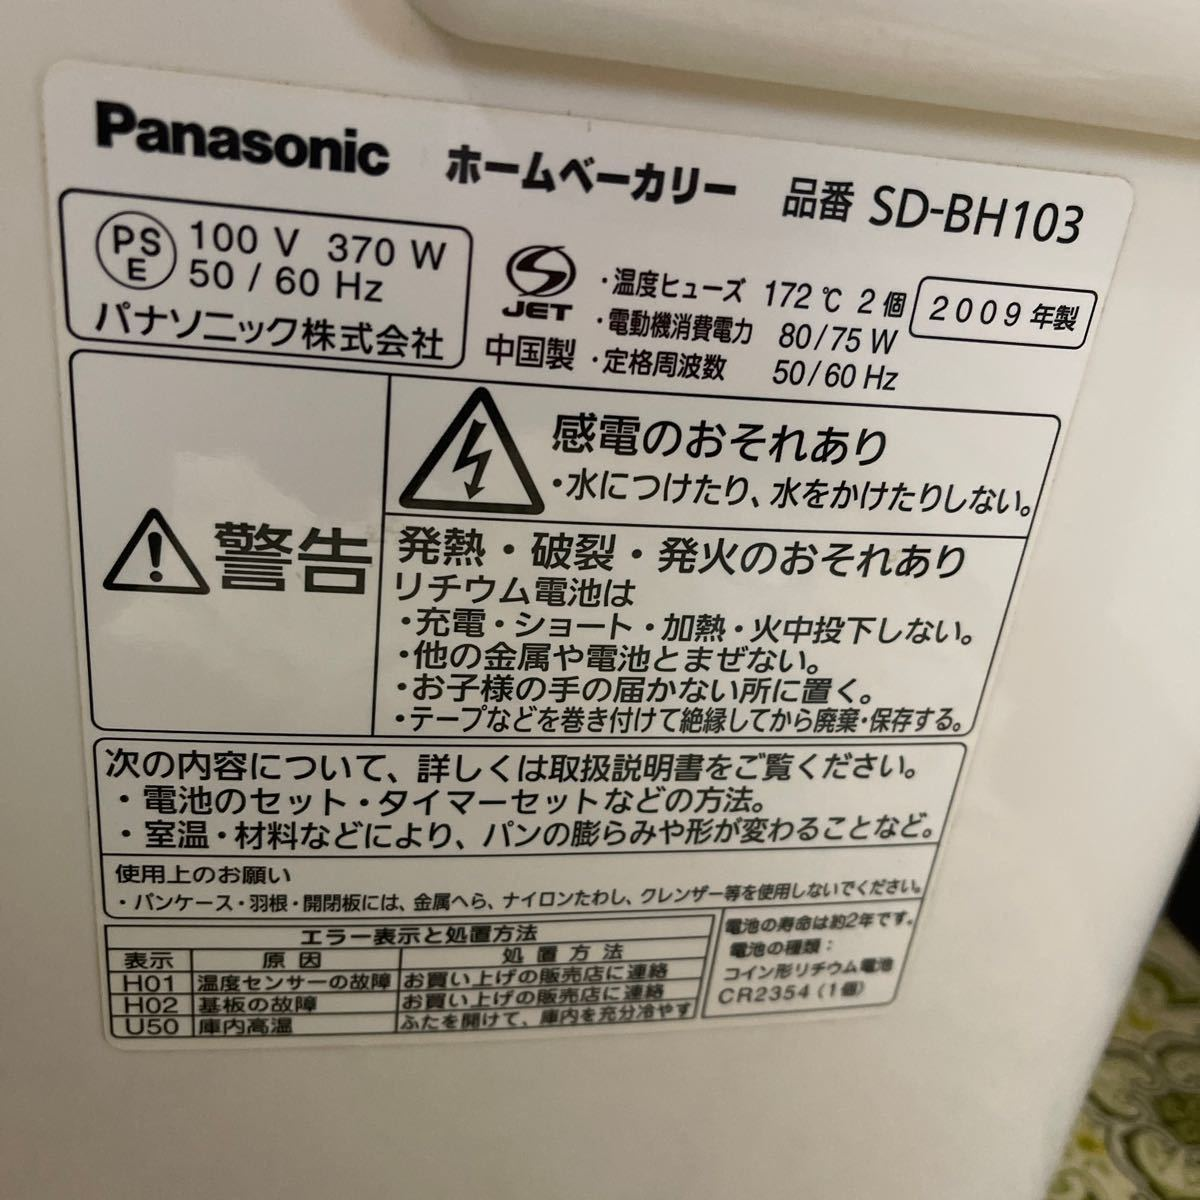 Panasonic SD-BH103 パナソニック ホームベーカリー お値下げ